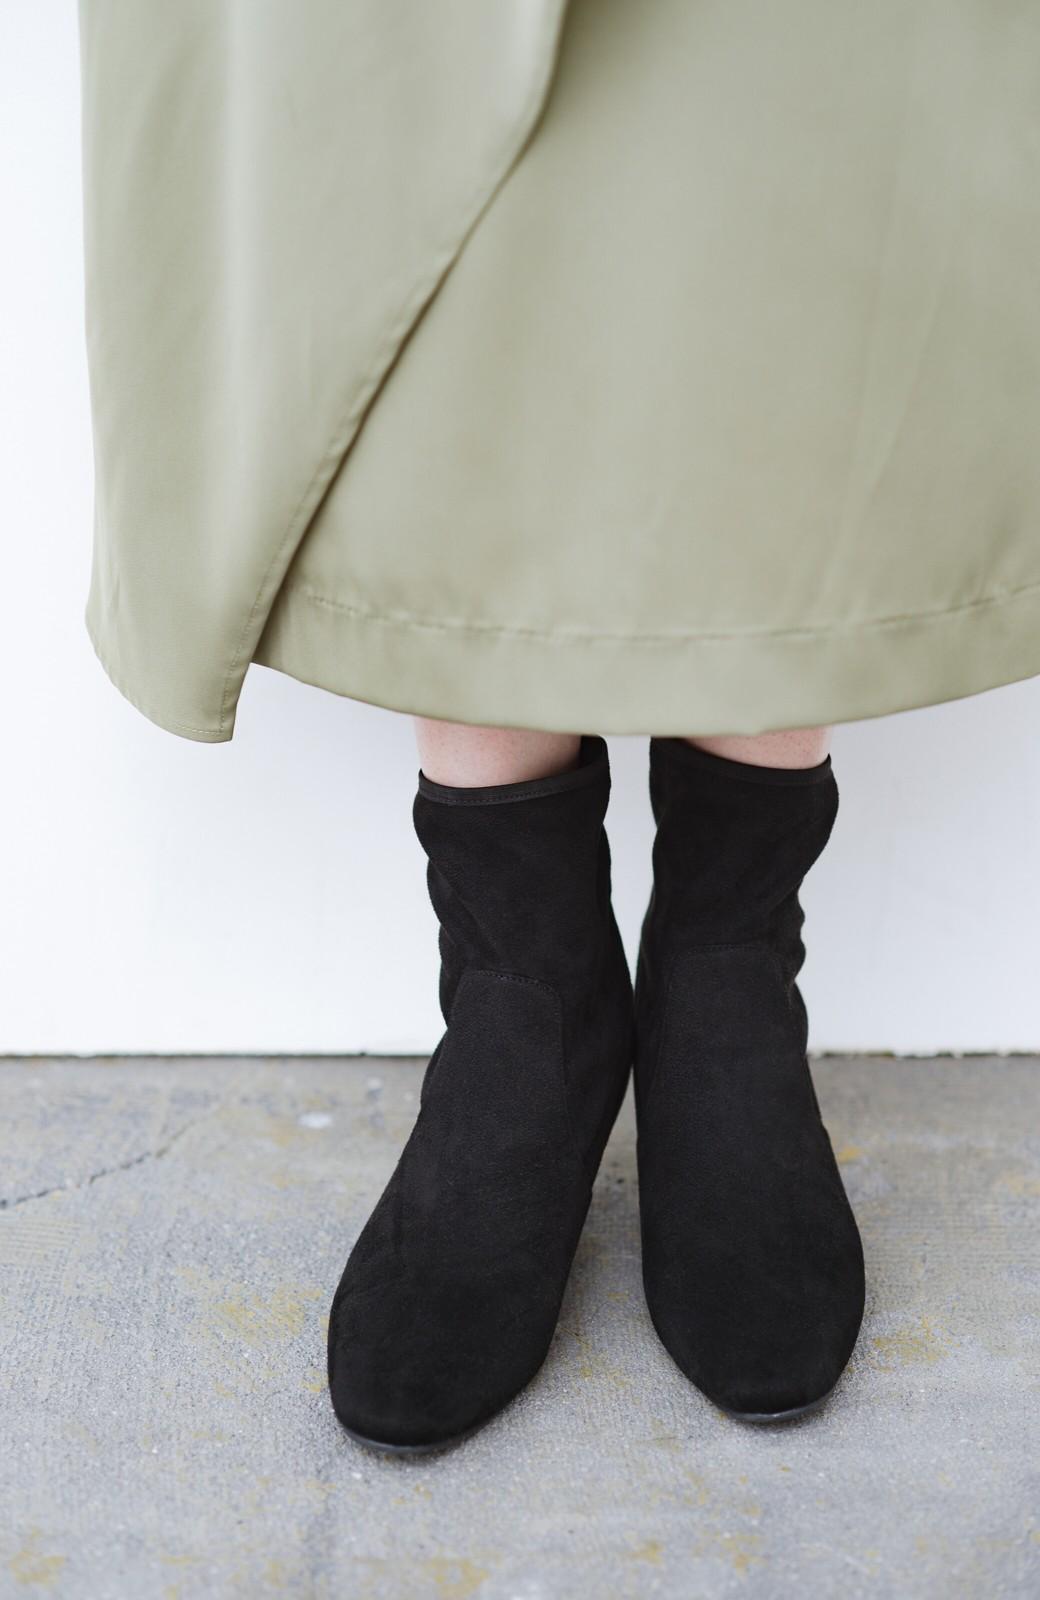 haco! デニムにもスカートにも似合う!すぽっと履けてスタイルアップが叶う女っぽフェイクスエードブーツ <ブラック>の商品写真4